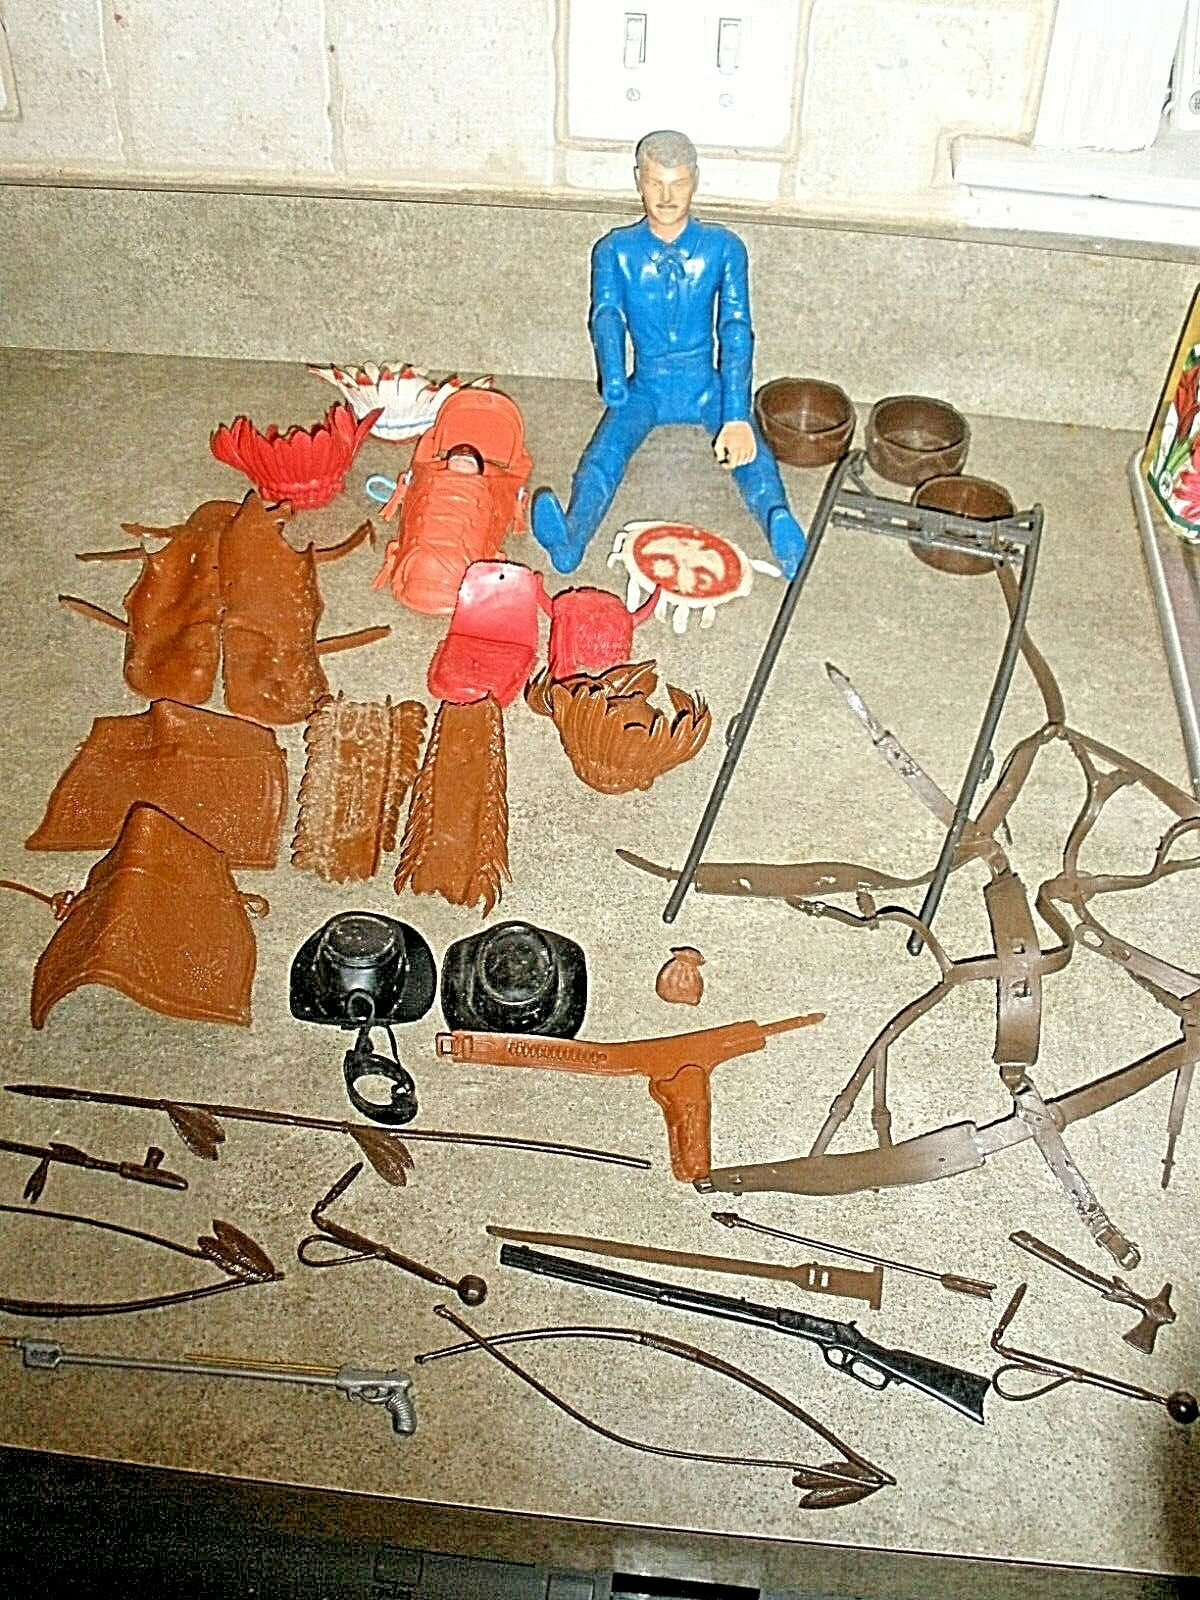 barato Gran Lote de colección Marx Indio Vaquero Occidental Occidental Occidental Accesorios, Papoose, figura, armas,  precios mas bajos